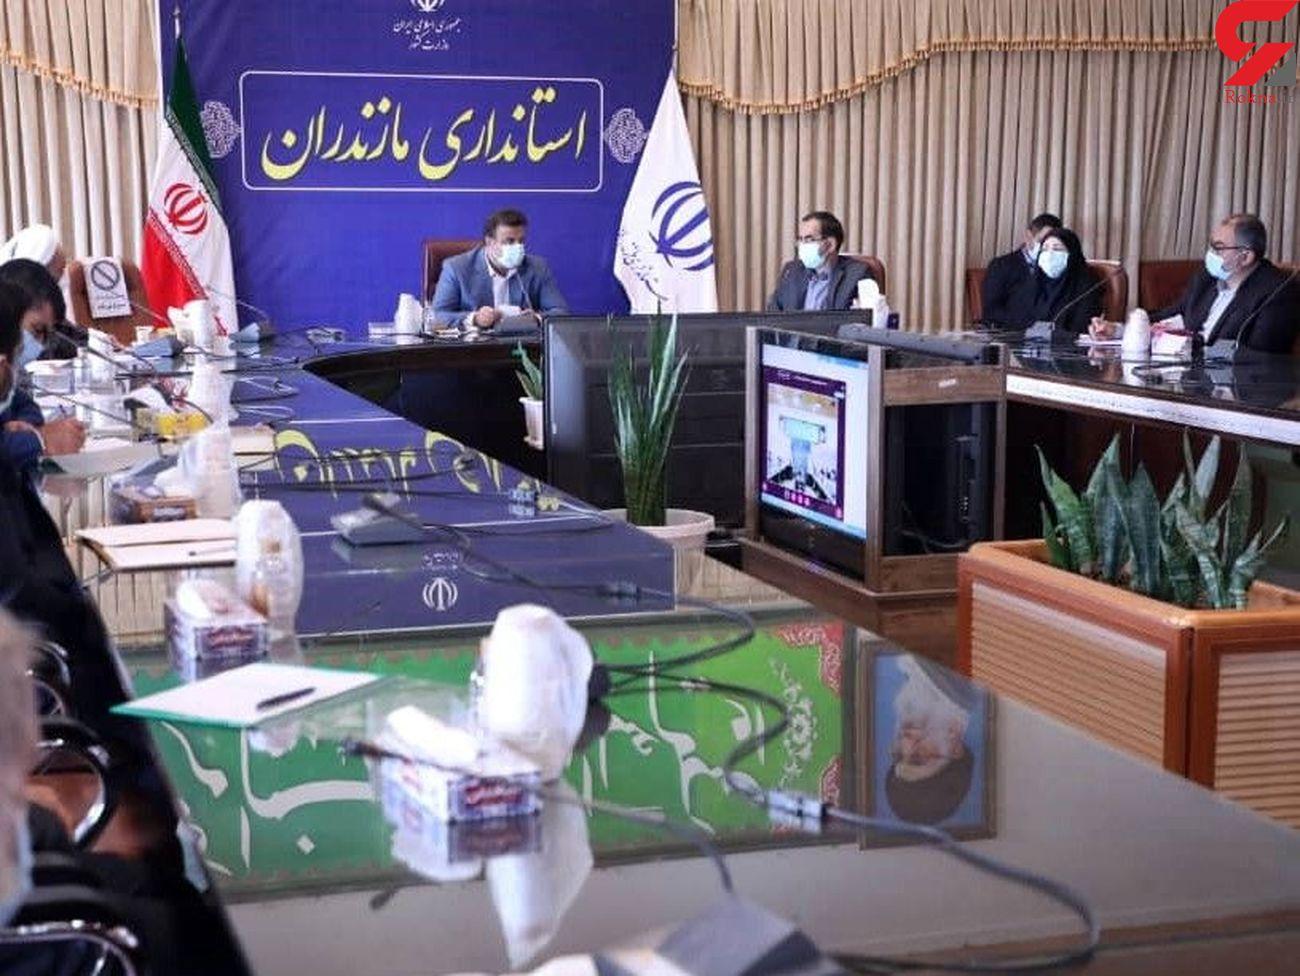 فرهنگ ایثار و شهادت، موجب بالندگی انقلاب اسلامی است